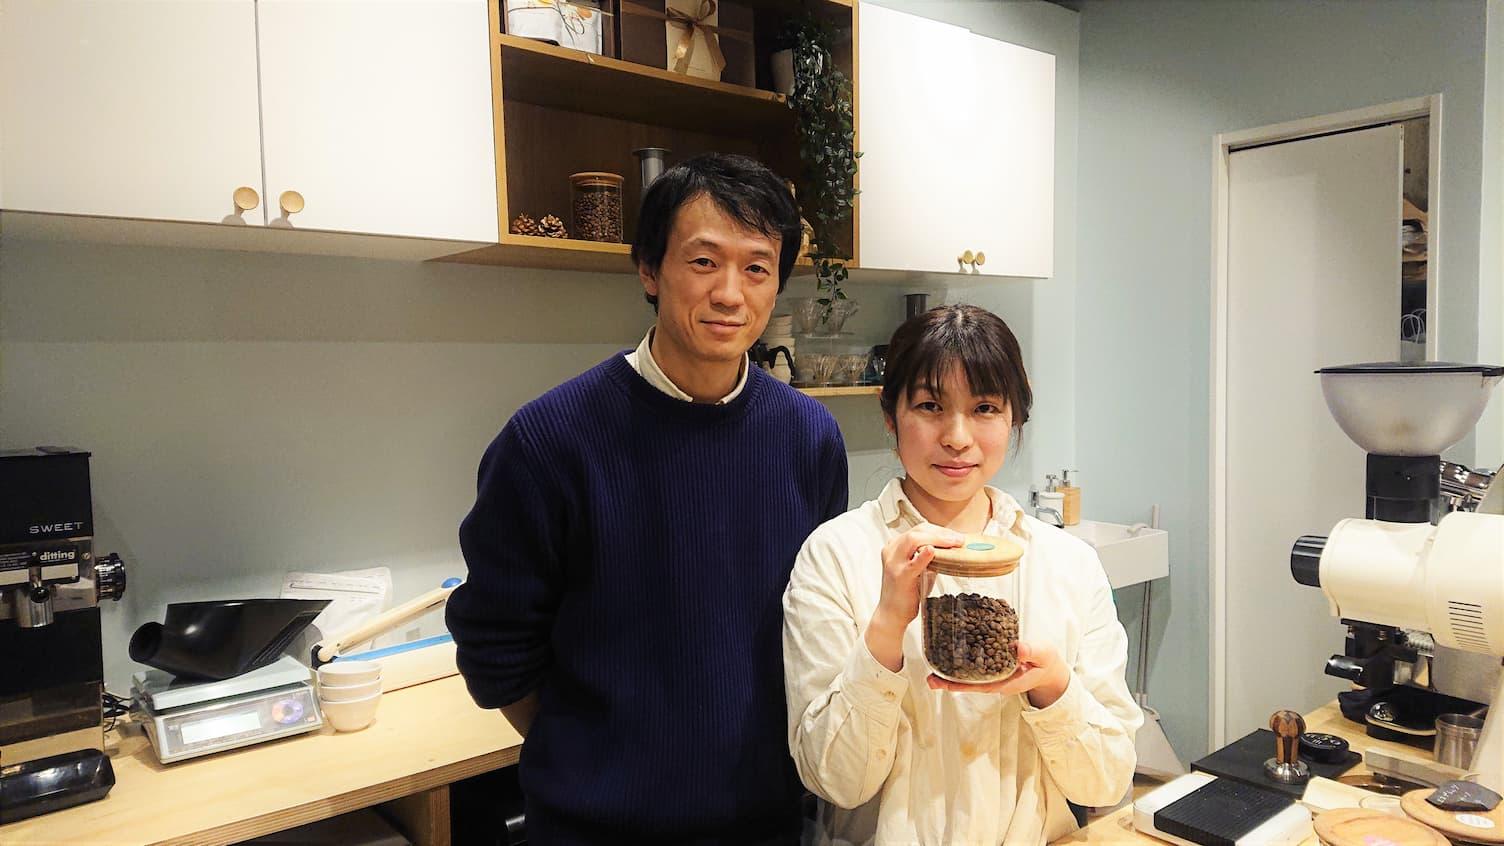 品質設計担当の亮さん(左)と代表の仁美さん(右)